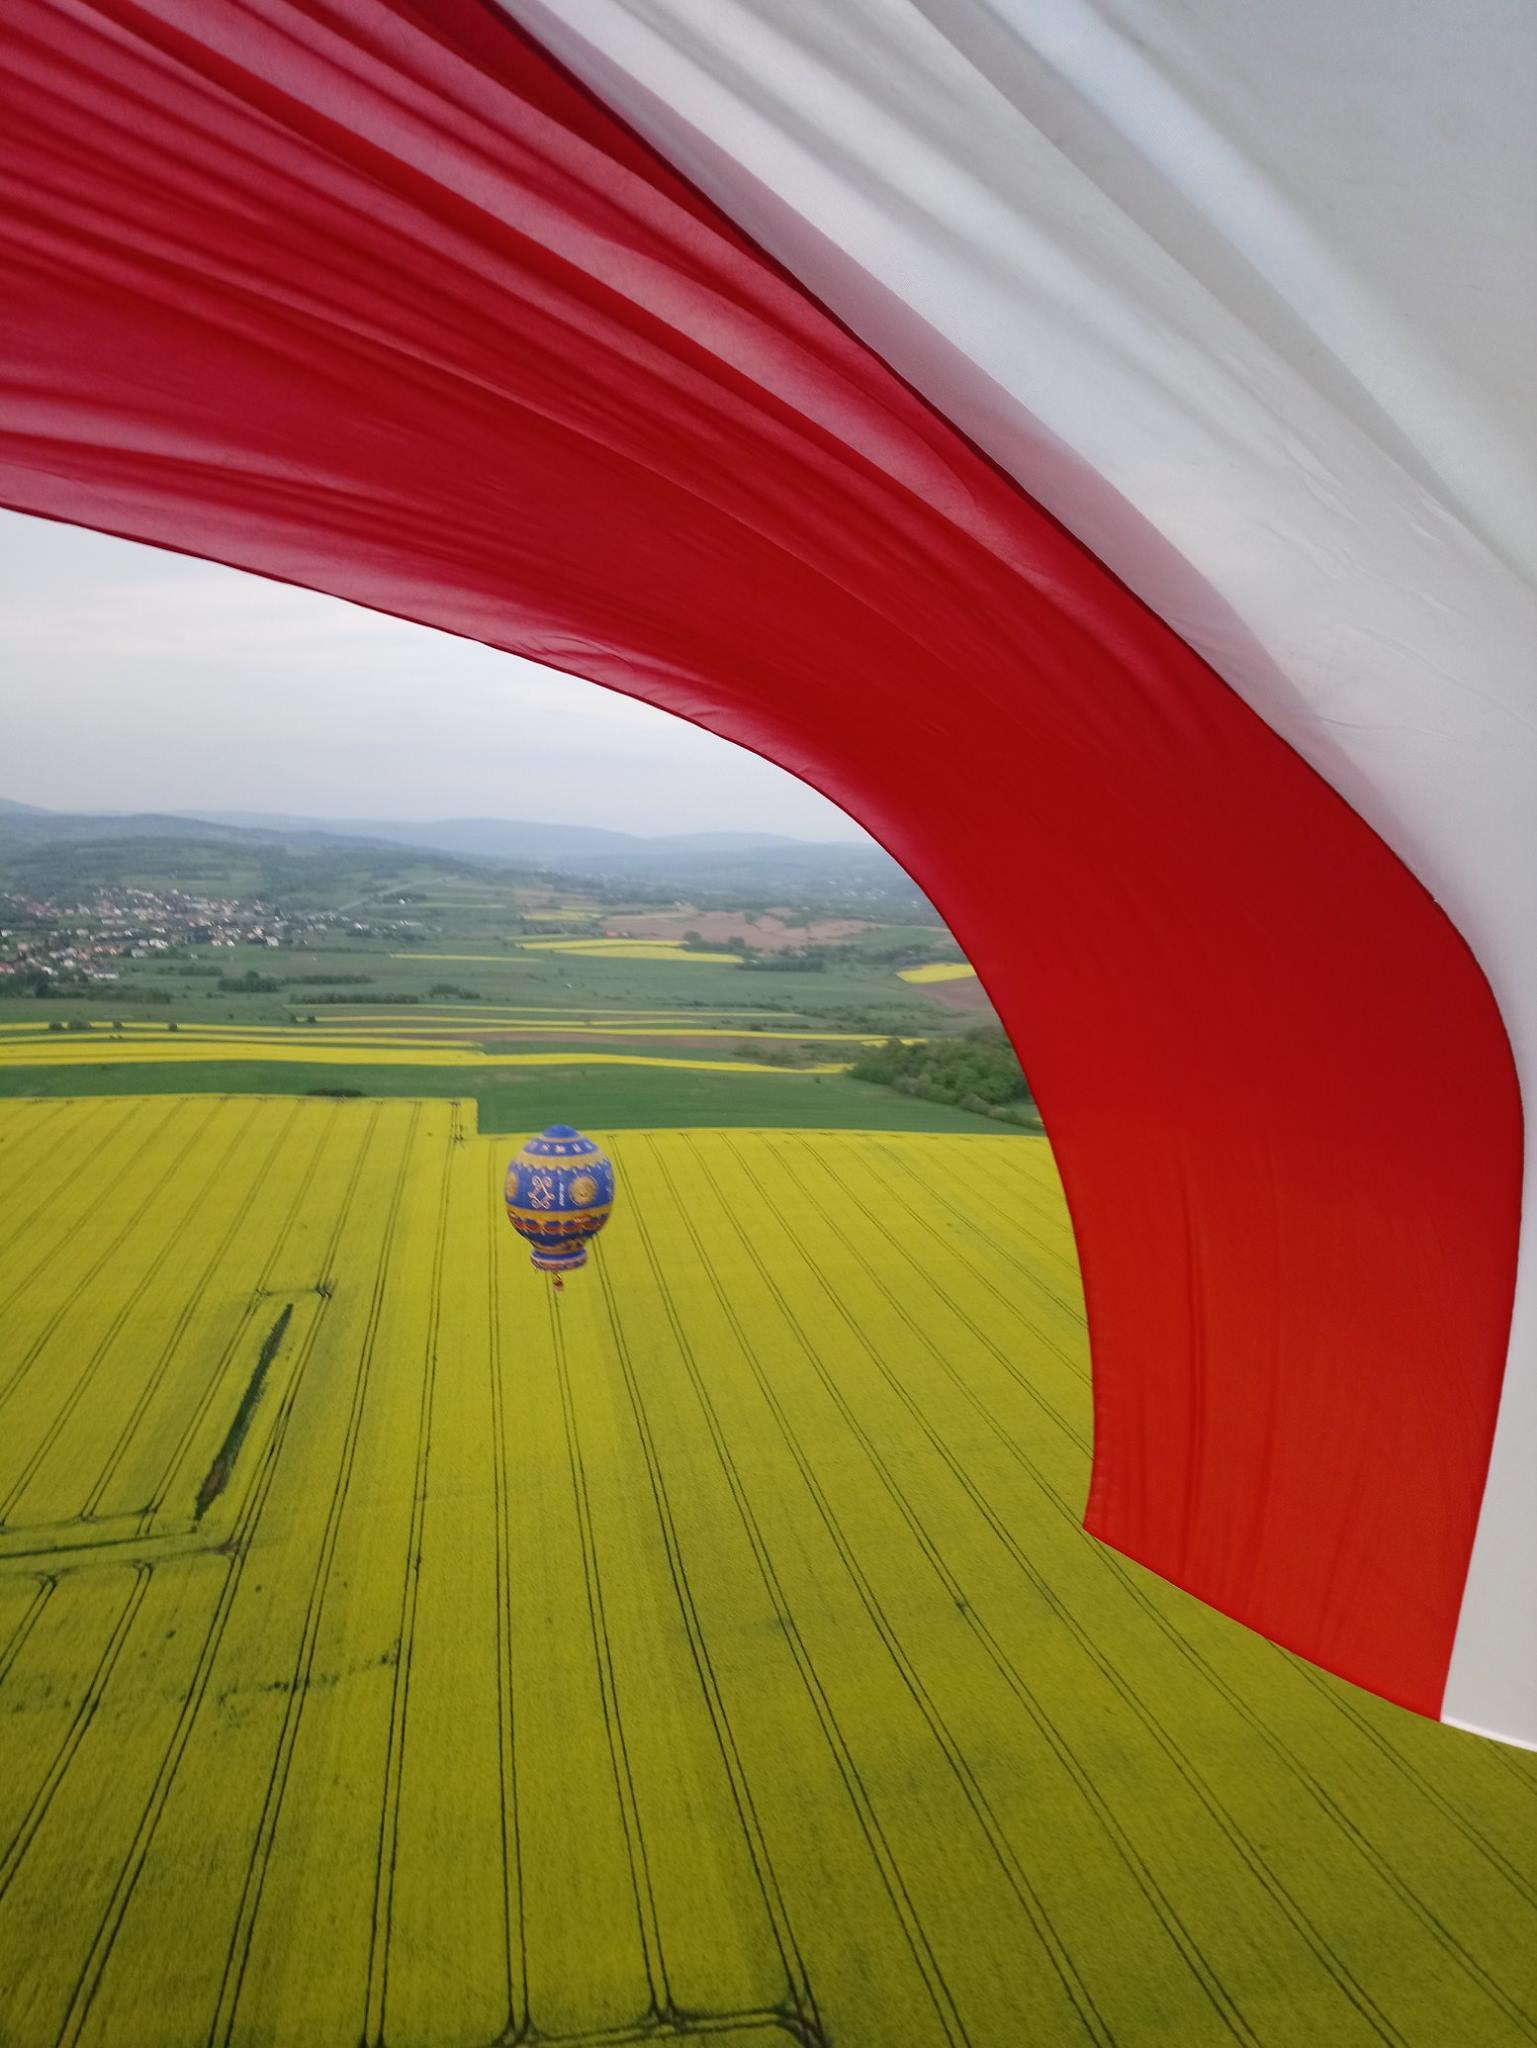 zdjęcie z lotu ptaka przedstawia balon lecący nad polami, w rogu powiewająca polska flaga